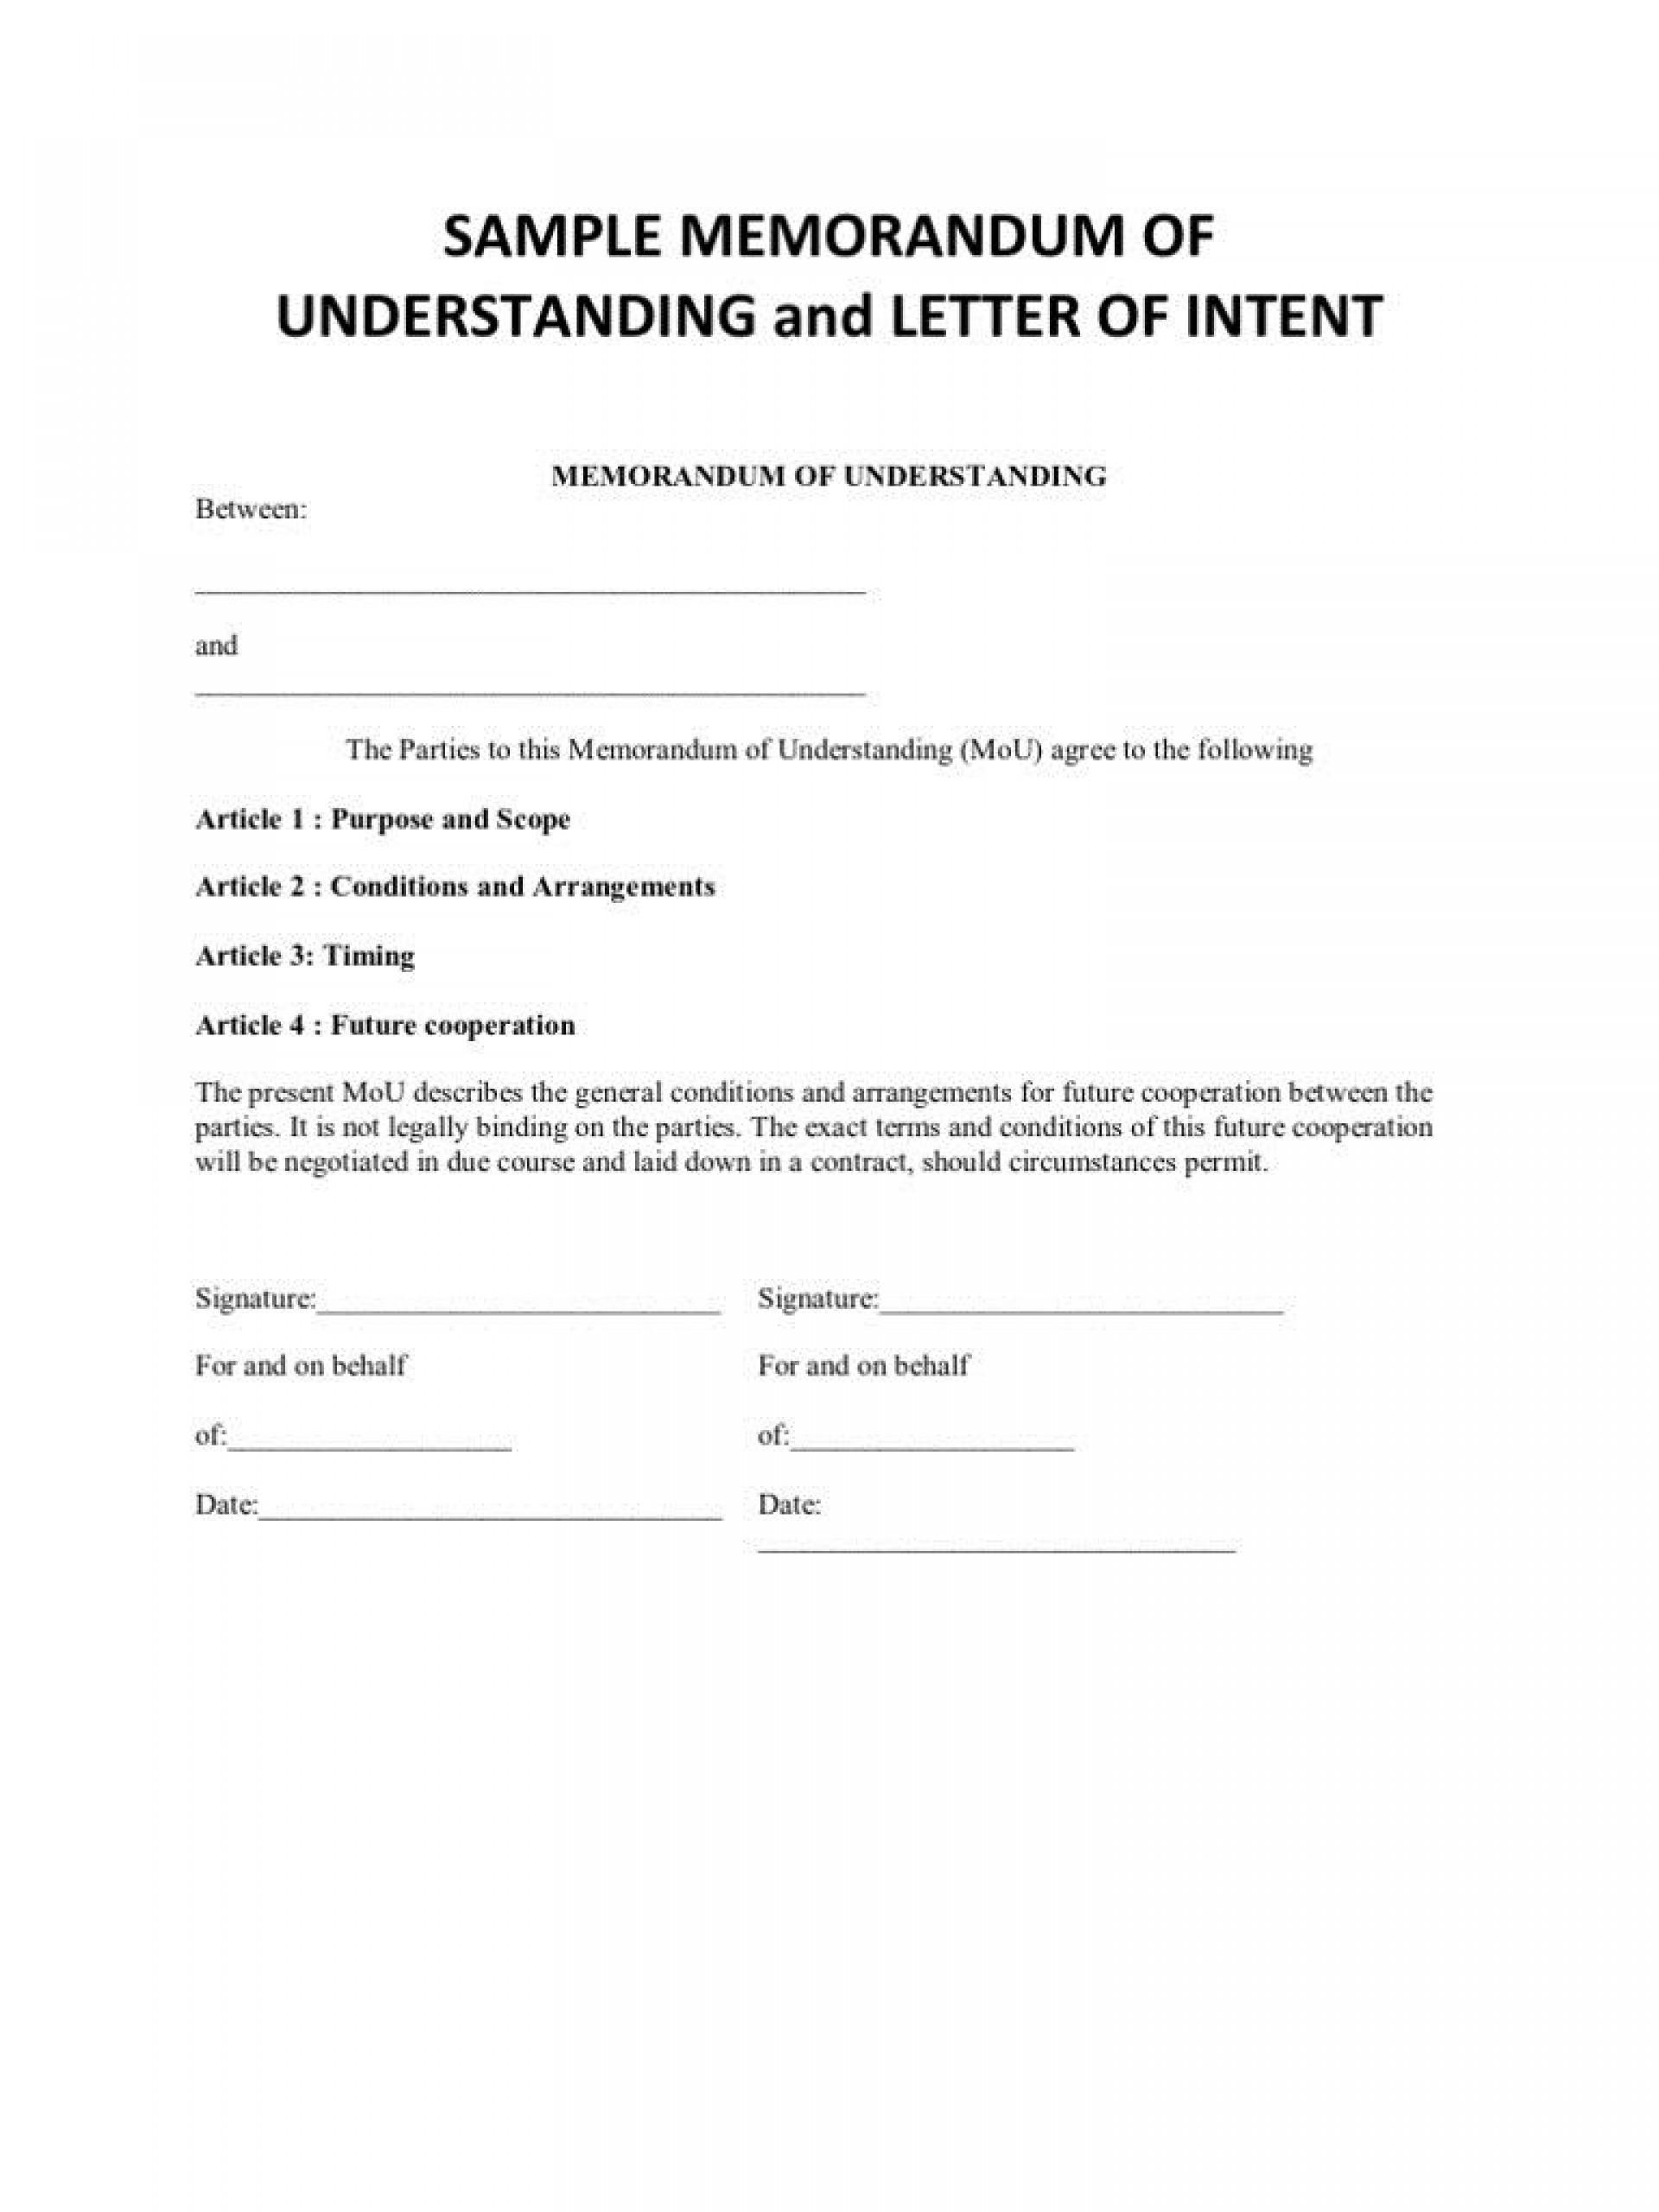 000 Rare Letter Of Understanding Format Highest Quality  Sample Memorandum1920